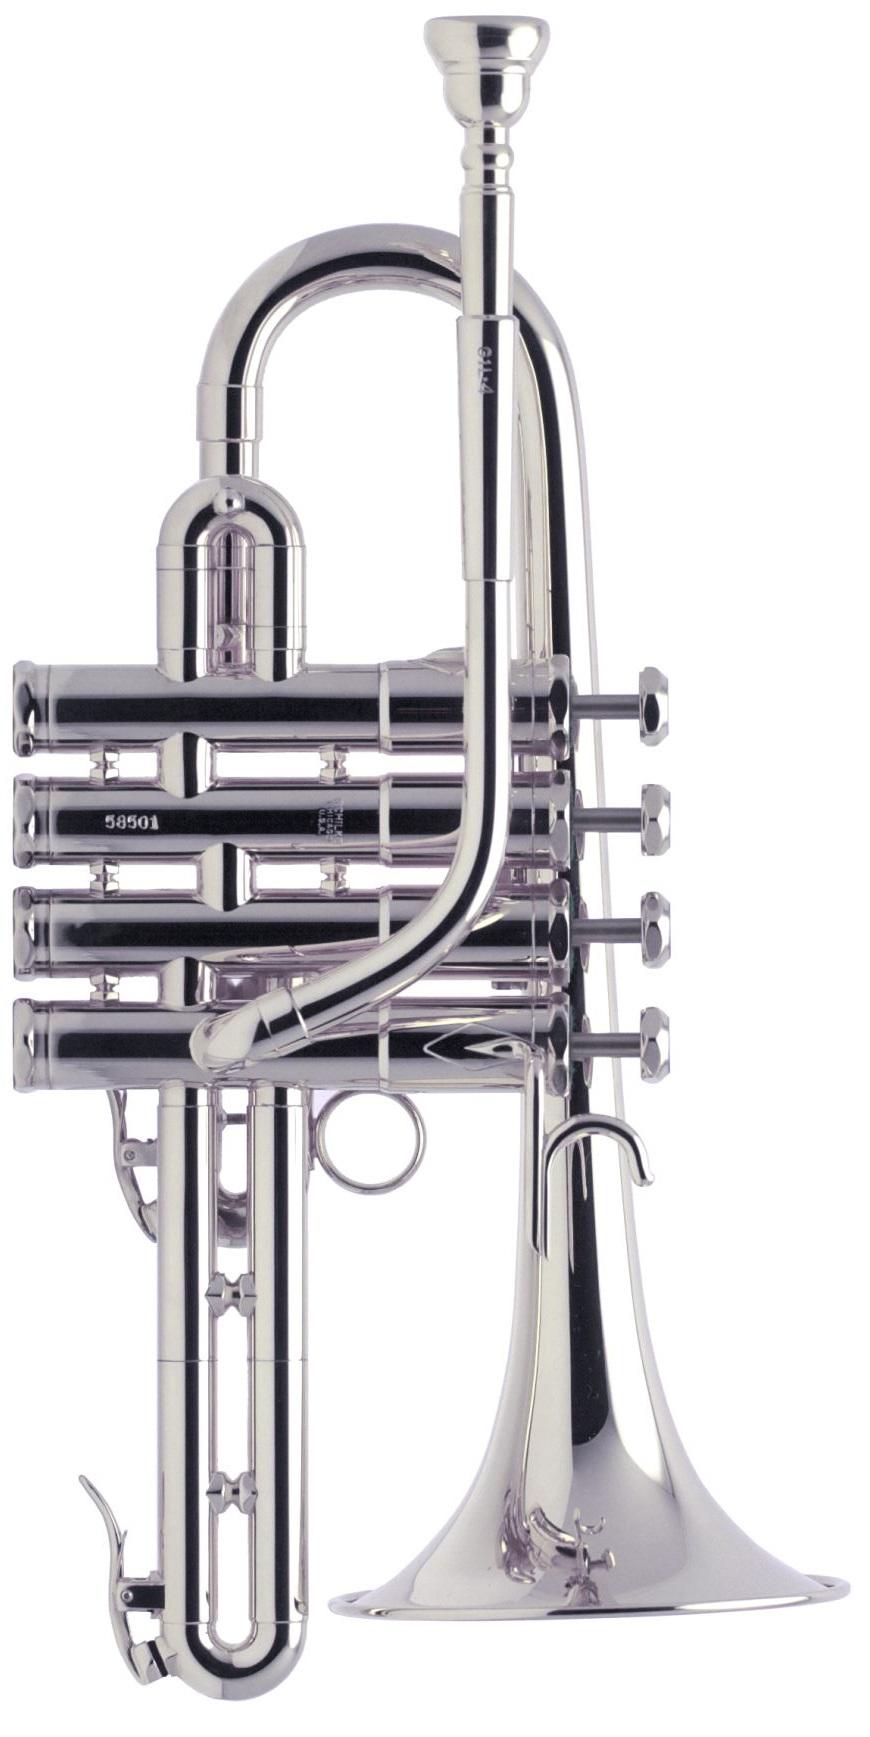 Schilke - G1L-4 - Blechblasinstrumente - Trompeten mit Perinet-Ventilen | MUSIK BERTRAM Deutschland Freiburg